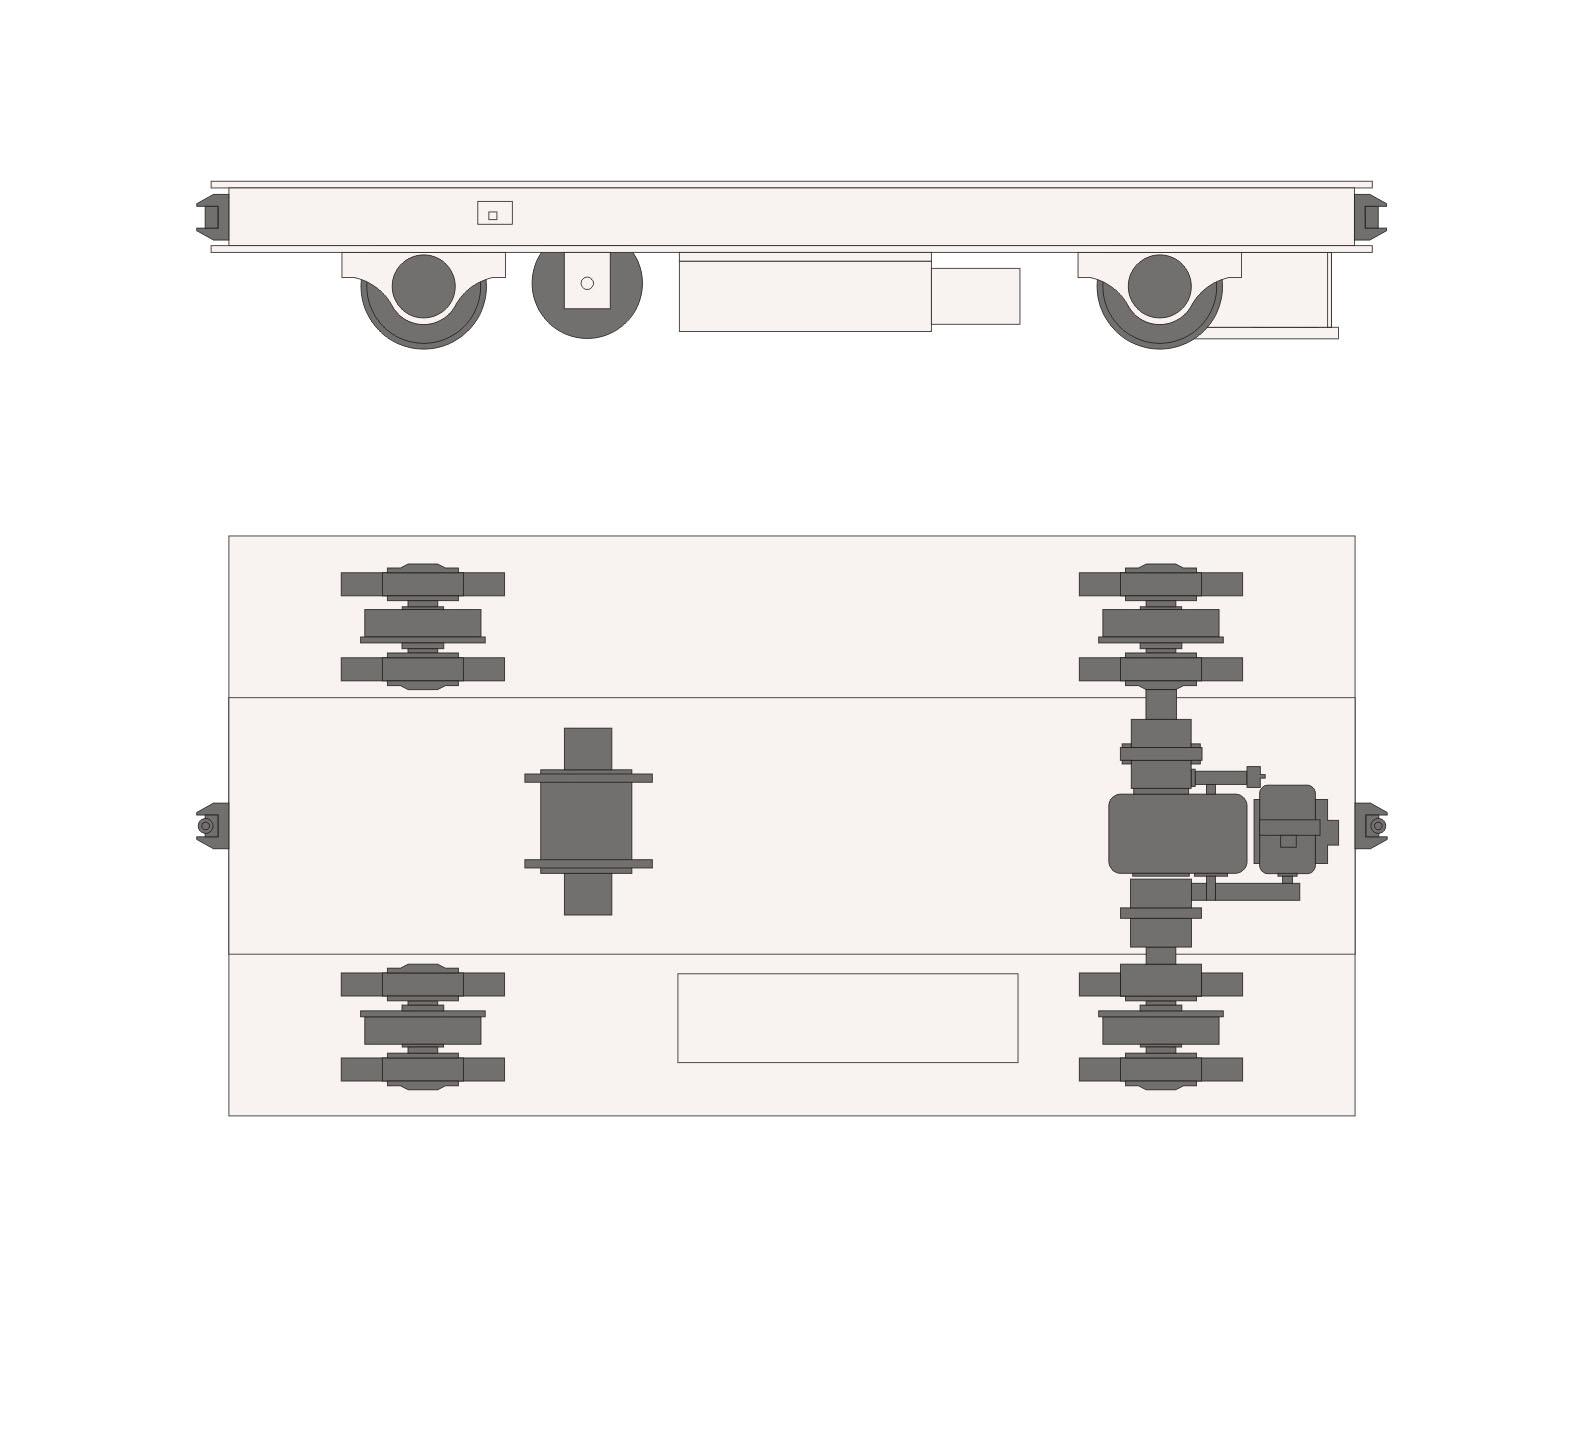 卷筒电动平车设计图.jpg